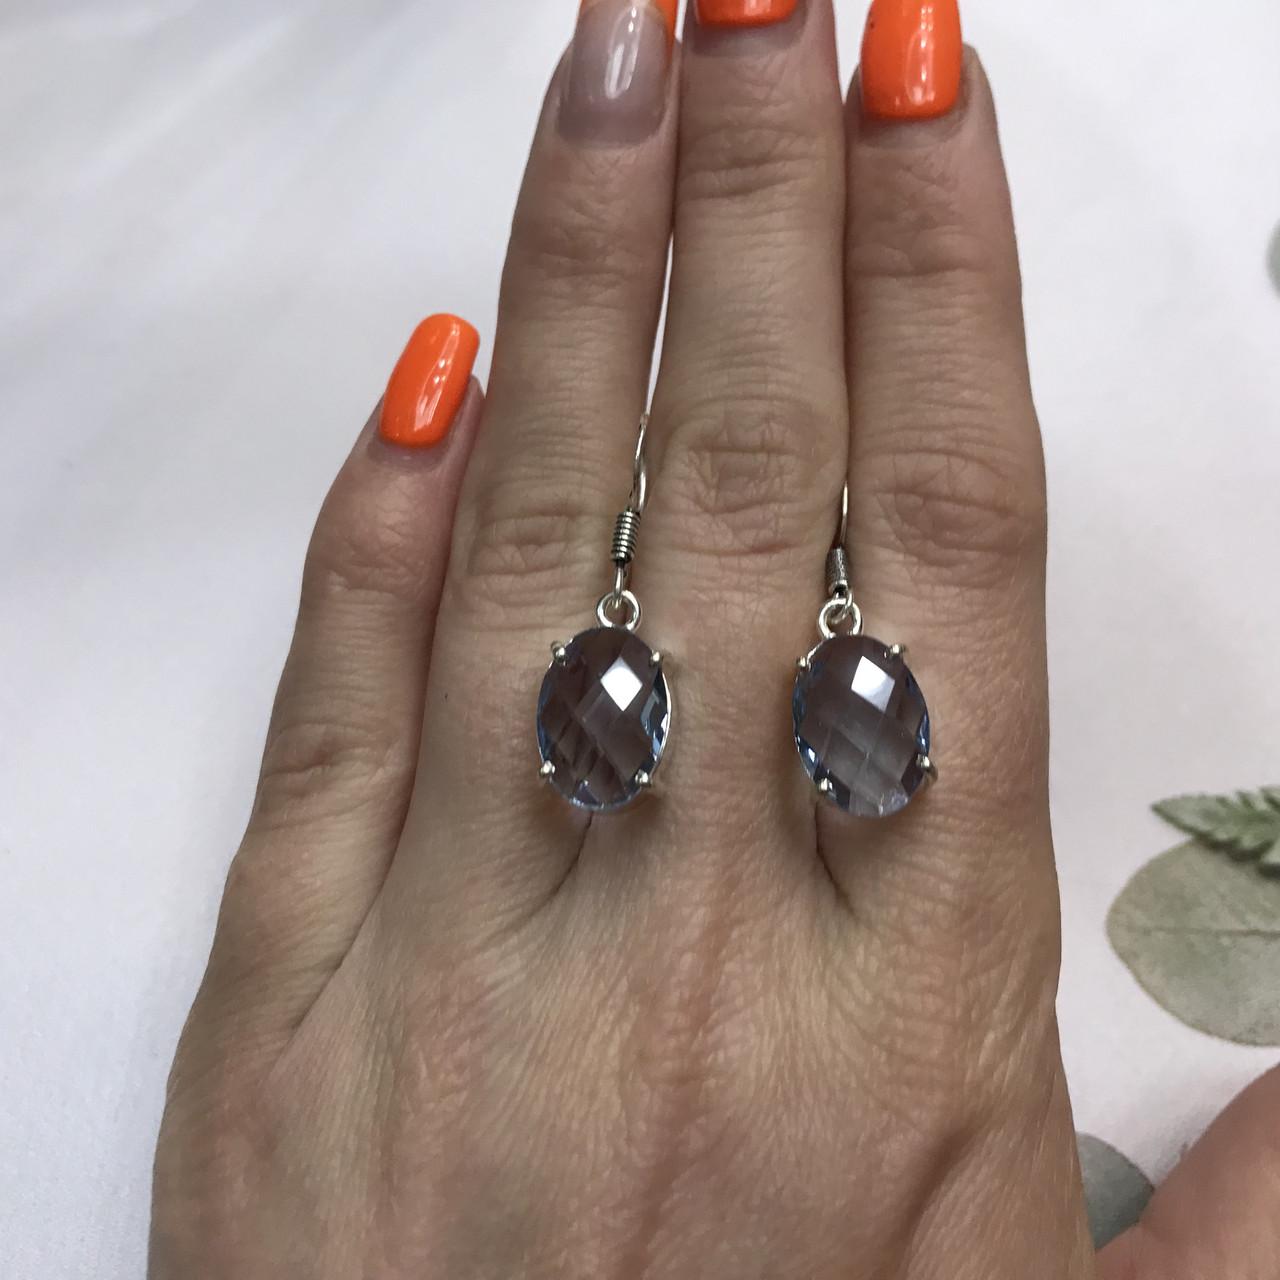 Аквамарин ніжні маленькі сережки з аквамарином в сріблі. Індія